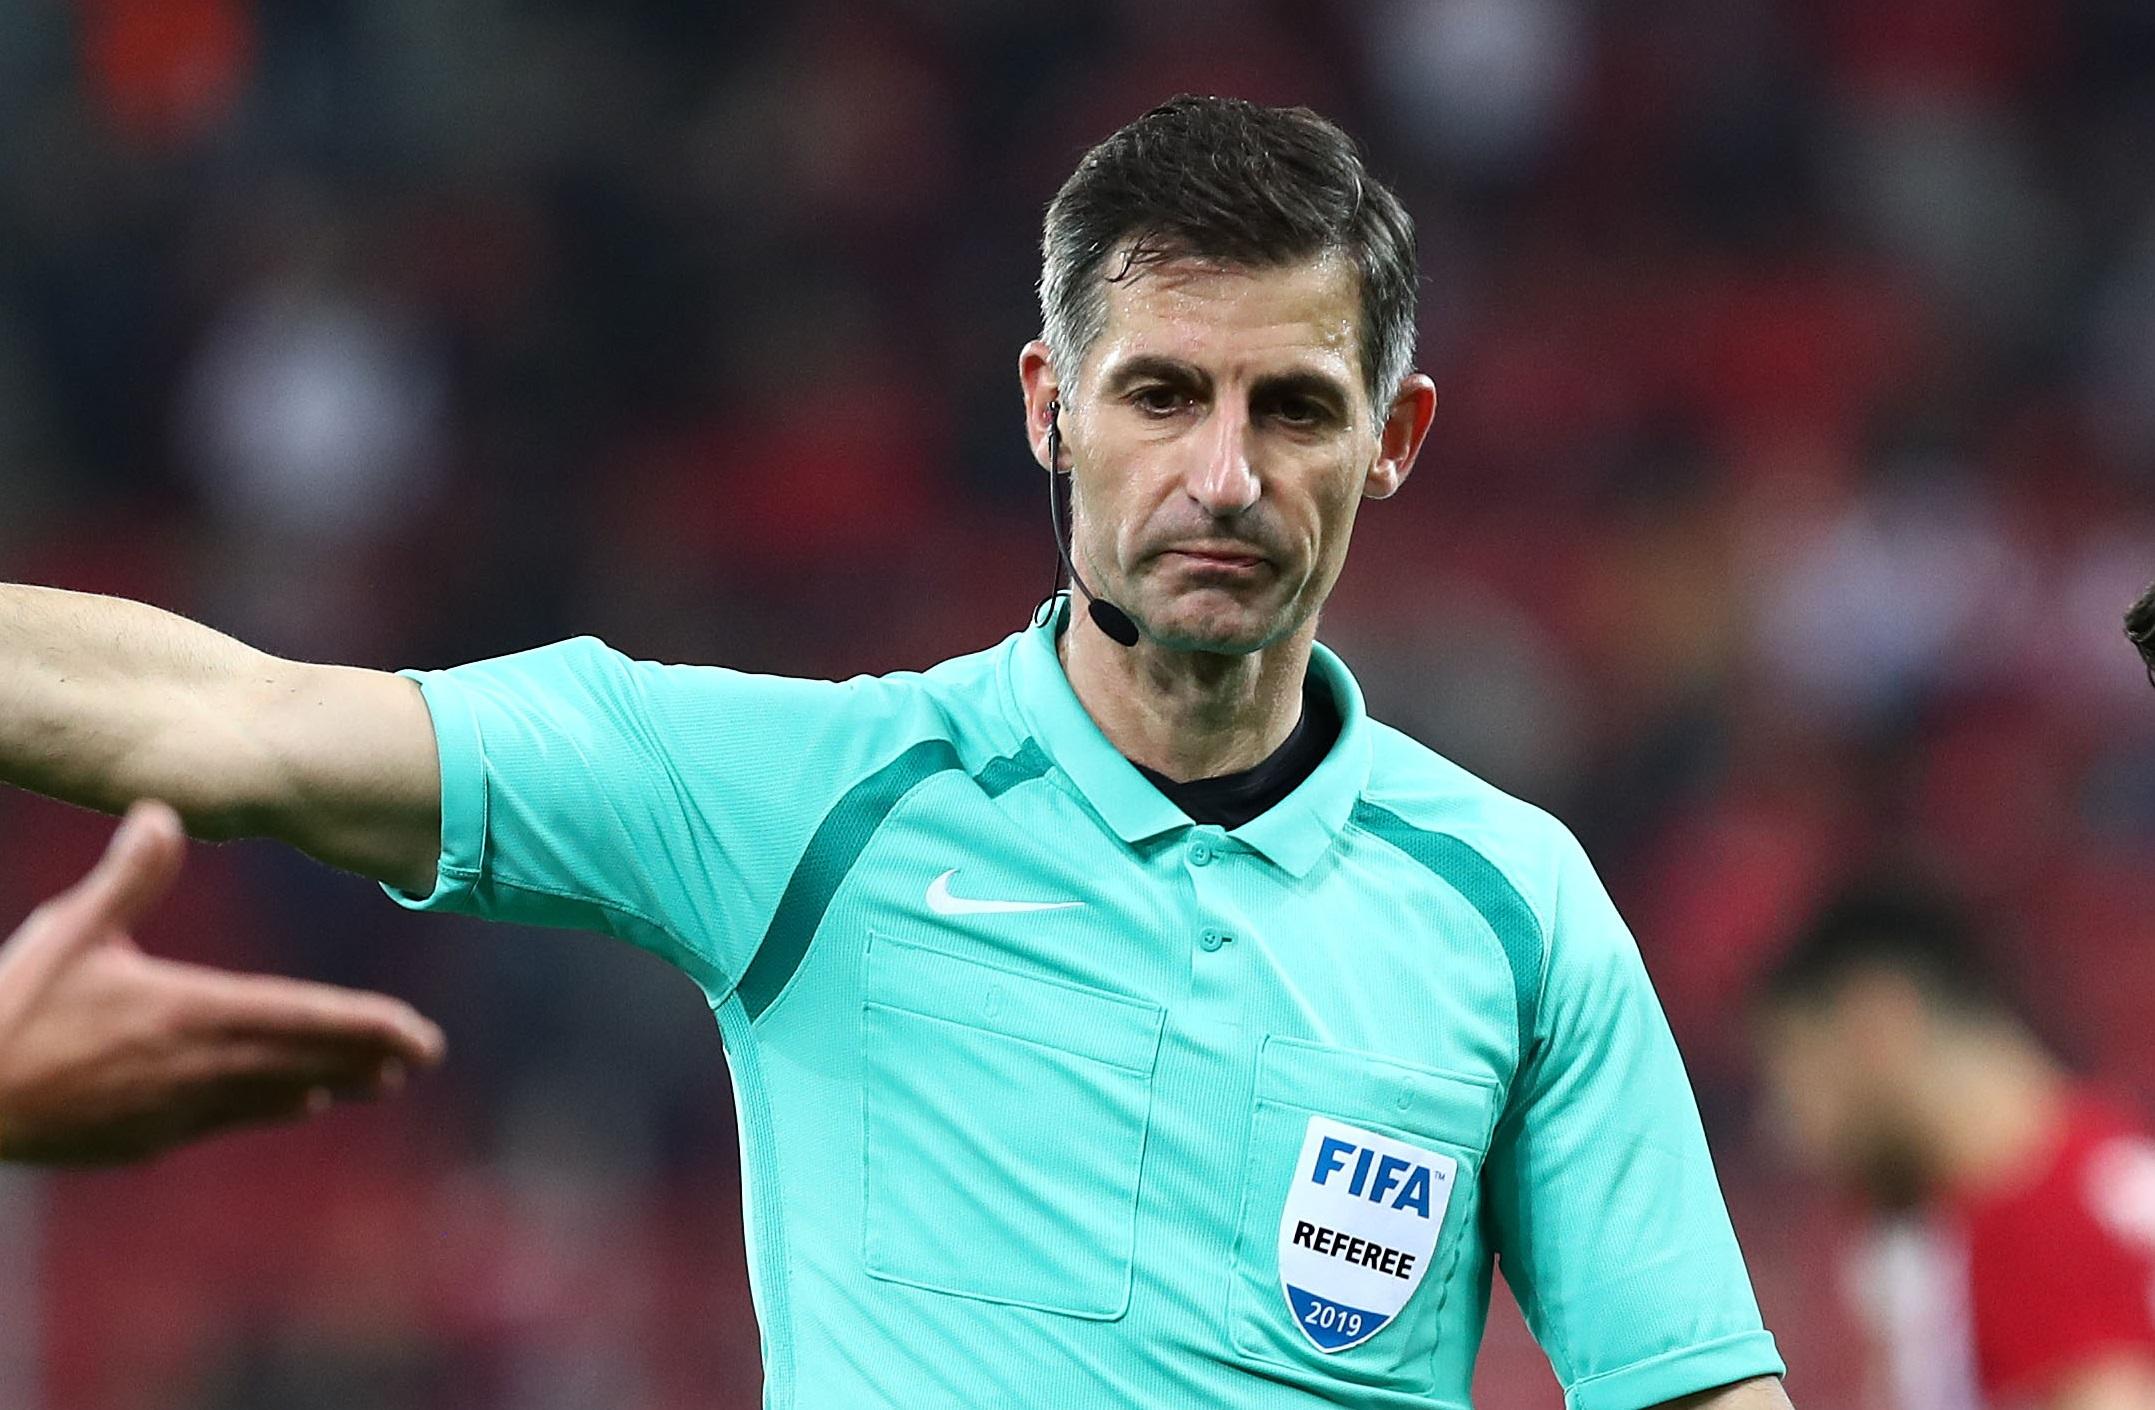 Champions League: Ορίστηκε στο Λίβερπουλ – Ρεάλ Μαδρίτης ο Σιδηρόπουλος